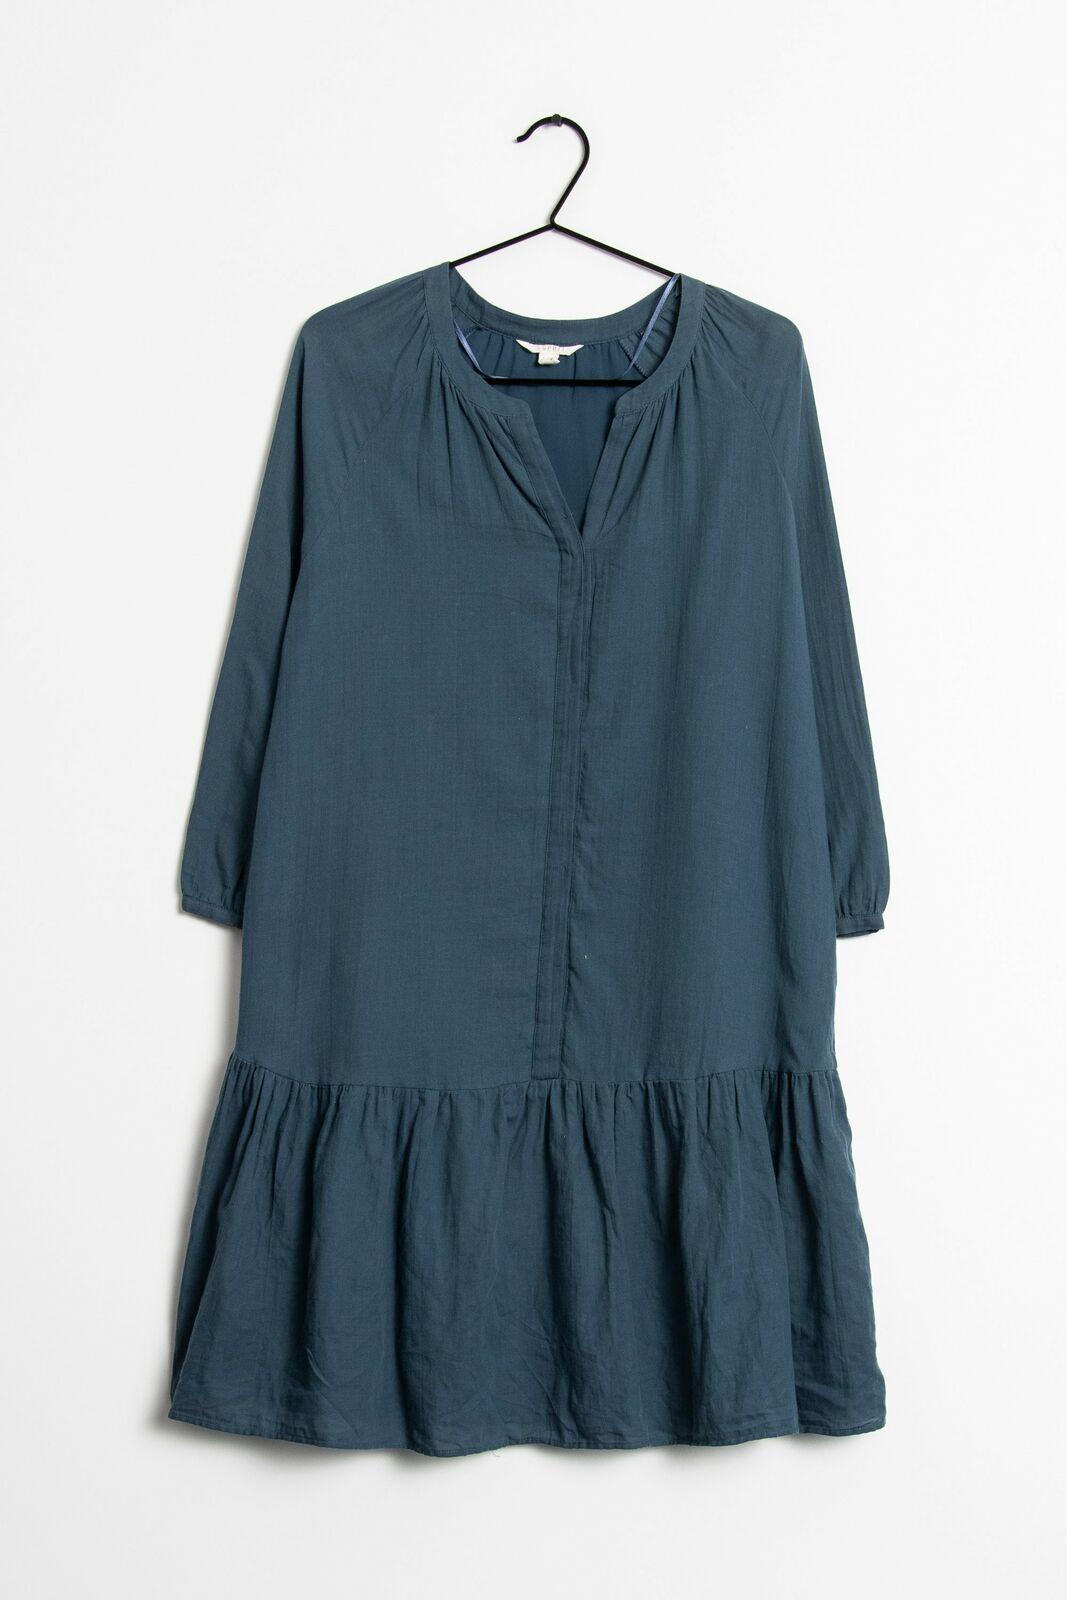 esprit kleid blau gr.m - blaue kleid - ideen von blaue kleid